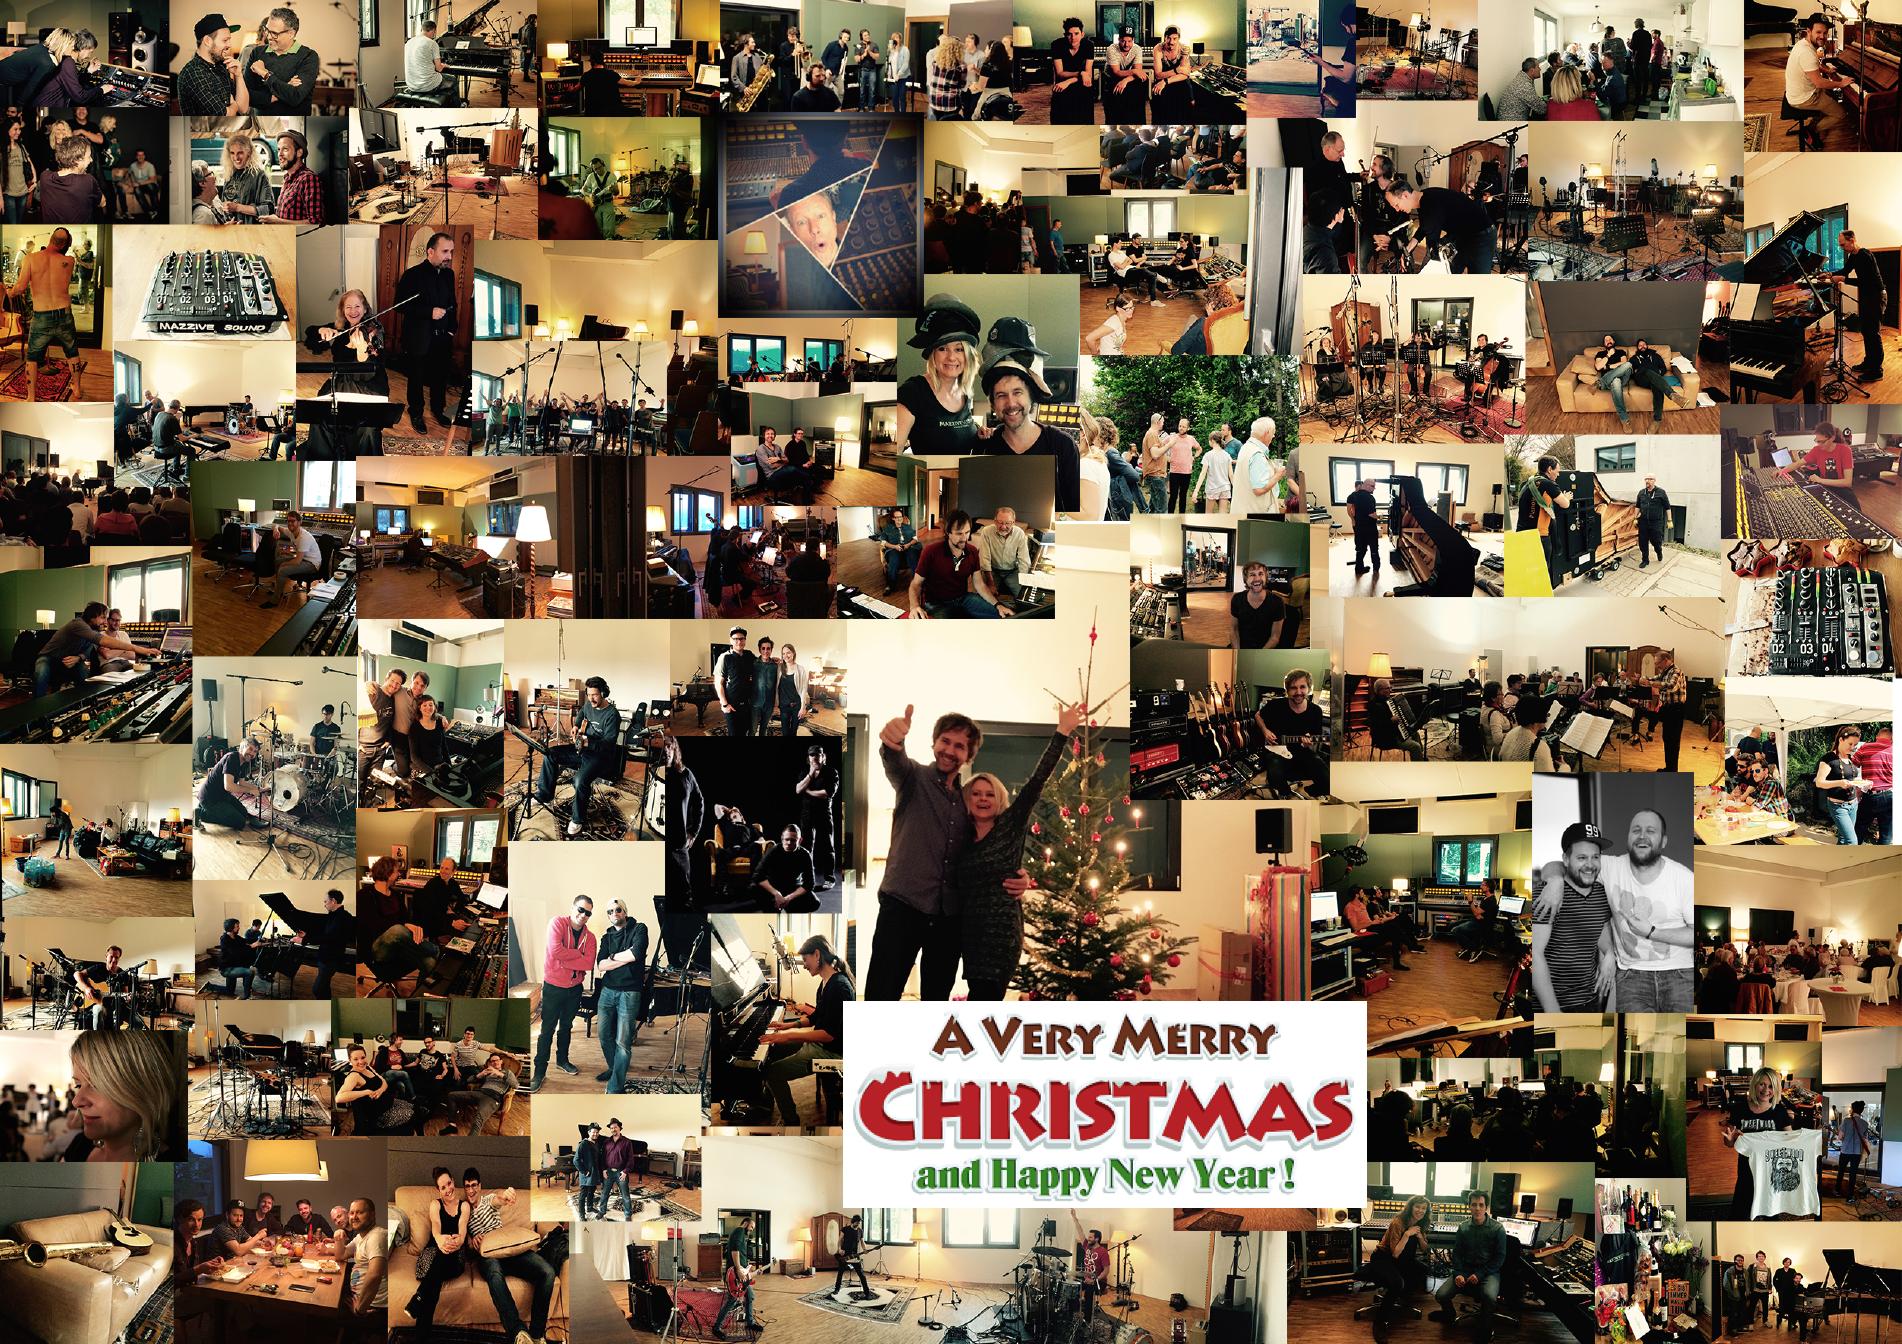 MSP_Weihnachten2016